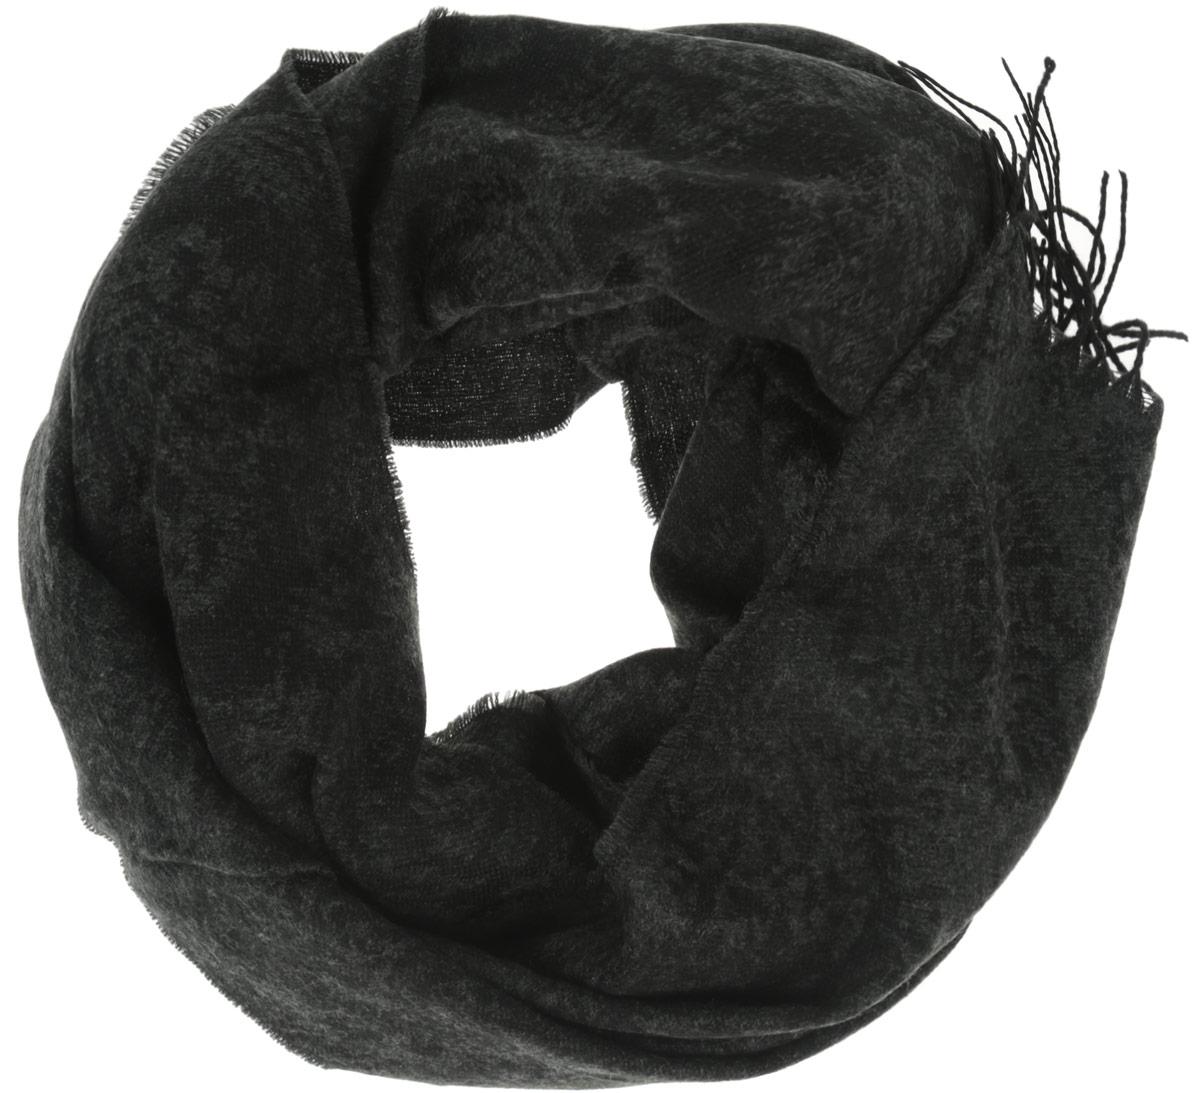 ШарфSCw-242/462-6303Элегантный мужской шарф Sela согреет вас в холодное время года, а также станет изысканным аксессуаром, который призван подчеркнуть ваш стиль и индивидуальность. Оригинальный теплый шарф выполнен из высококачественного акрила. Широкий шарф украшен бахромой в виде жгутиков по краю. Такой шарф станет превосходным дополнением к любому наряду, защитит вас от ветра и холода и позволит вам создать свой неповторимый стиль.